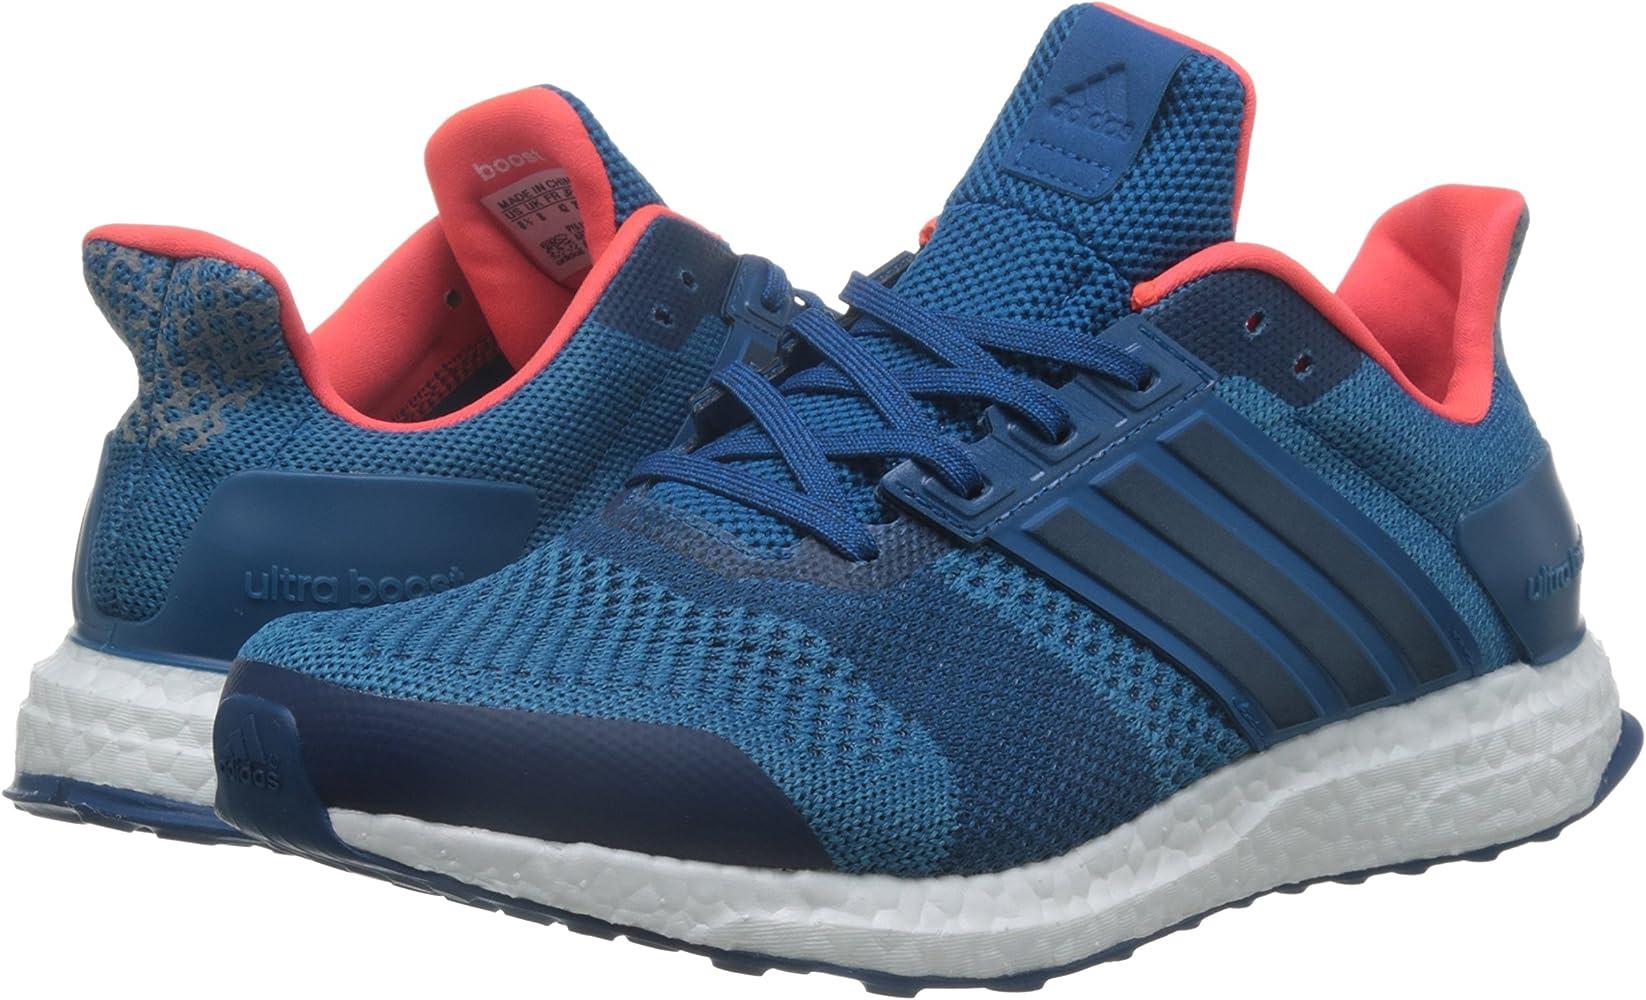 Adidas Ultra Boost ST Zapatillas para Correr - 43.3: Amazon.es ...